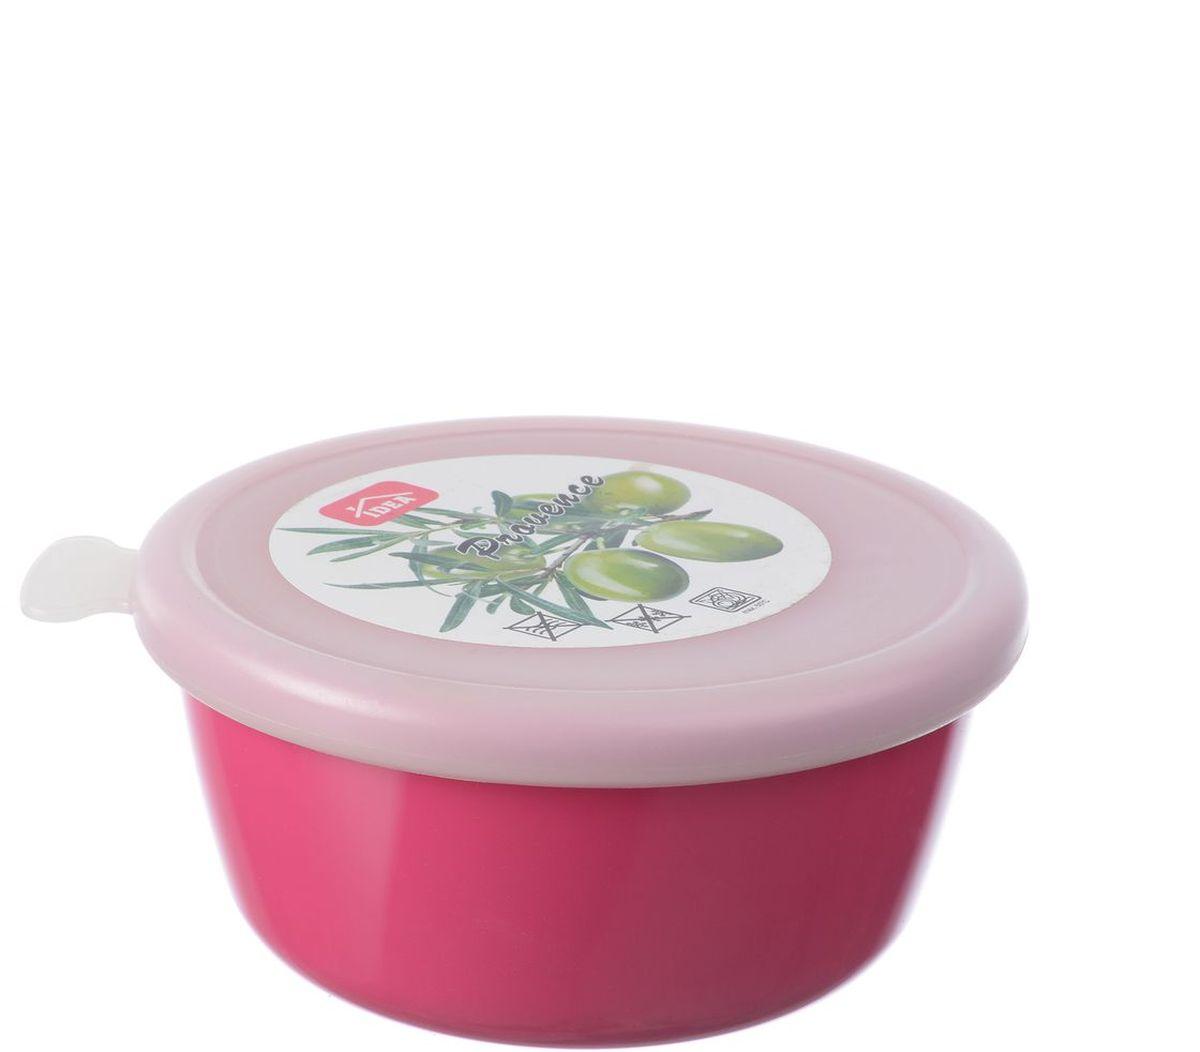 Миска Idea Прованс, с крышкой, цвет: малиновый, 350 млМ 1380Миска круглой формы Idea Прованс изготовлена из высококачественного пищевого пластика. Изделие очень функциональное, оно пригодится на кухне для самых разнообразных нужд: в качестве салатника, миски, тарелки. Герметичная крышка обеспечивает продуктам долгий срок хранения. Диаметр миски: 11,5 см. Высота миски: 5,5 см.